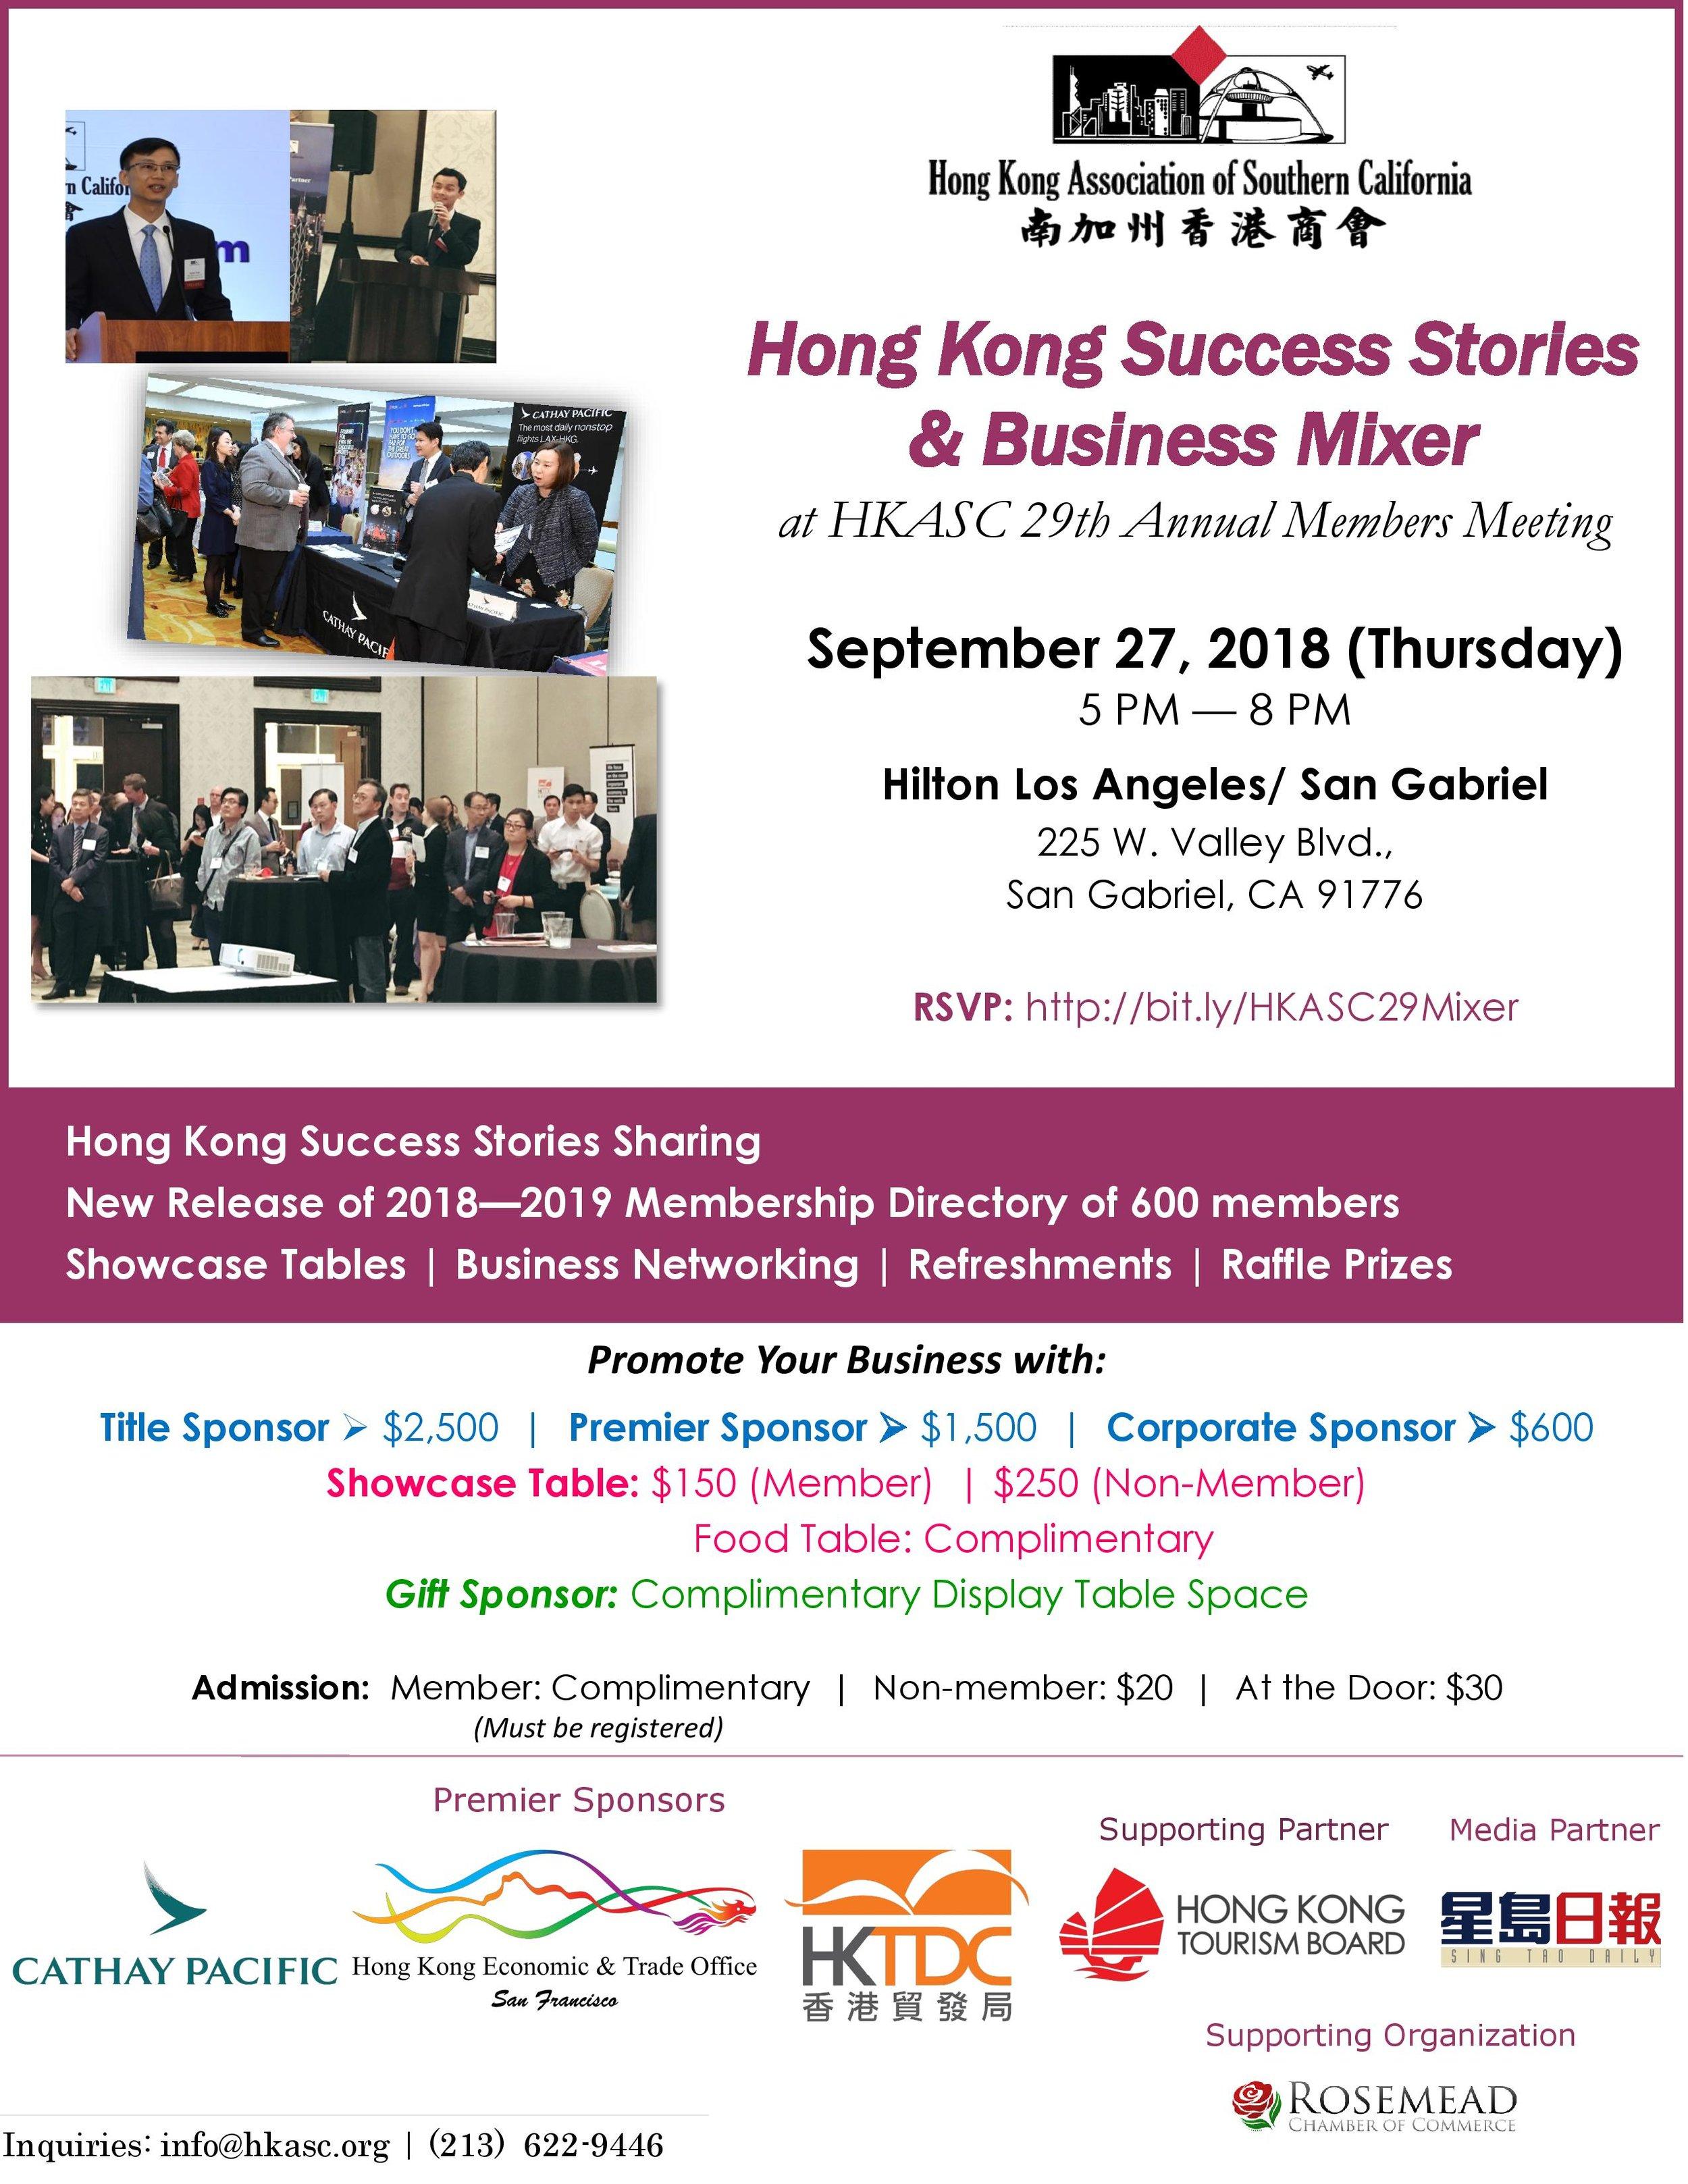 Hong Kong success stories & business Mixer - September 27th, 2018